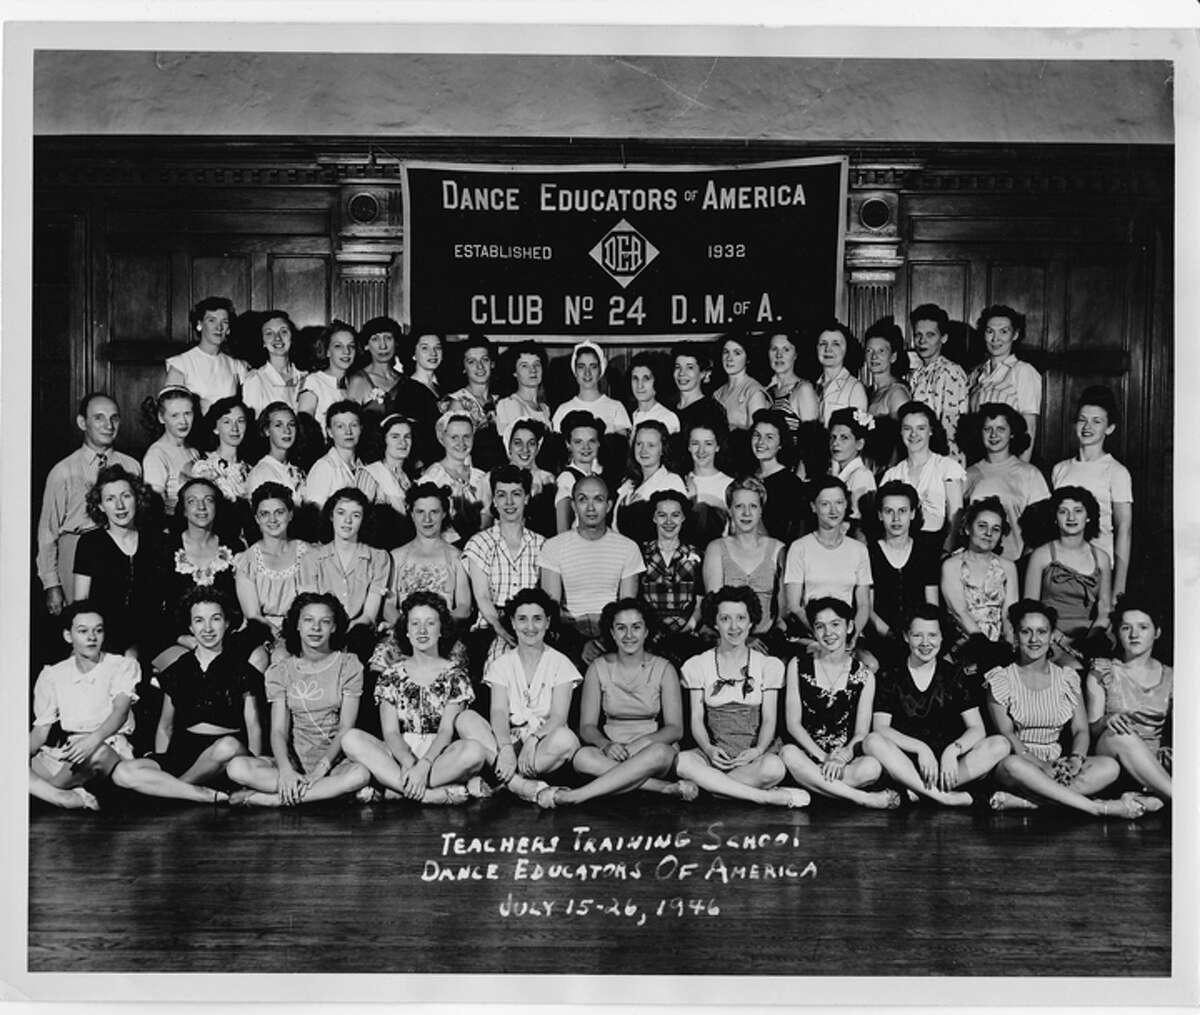 Zita-at-Dances-Educators-of-America-in-1945-Kicks-archives